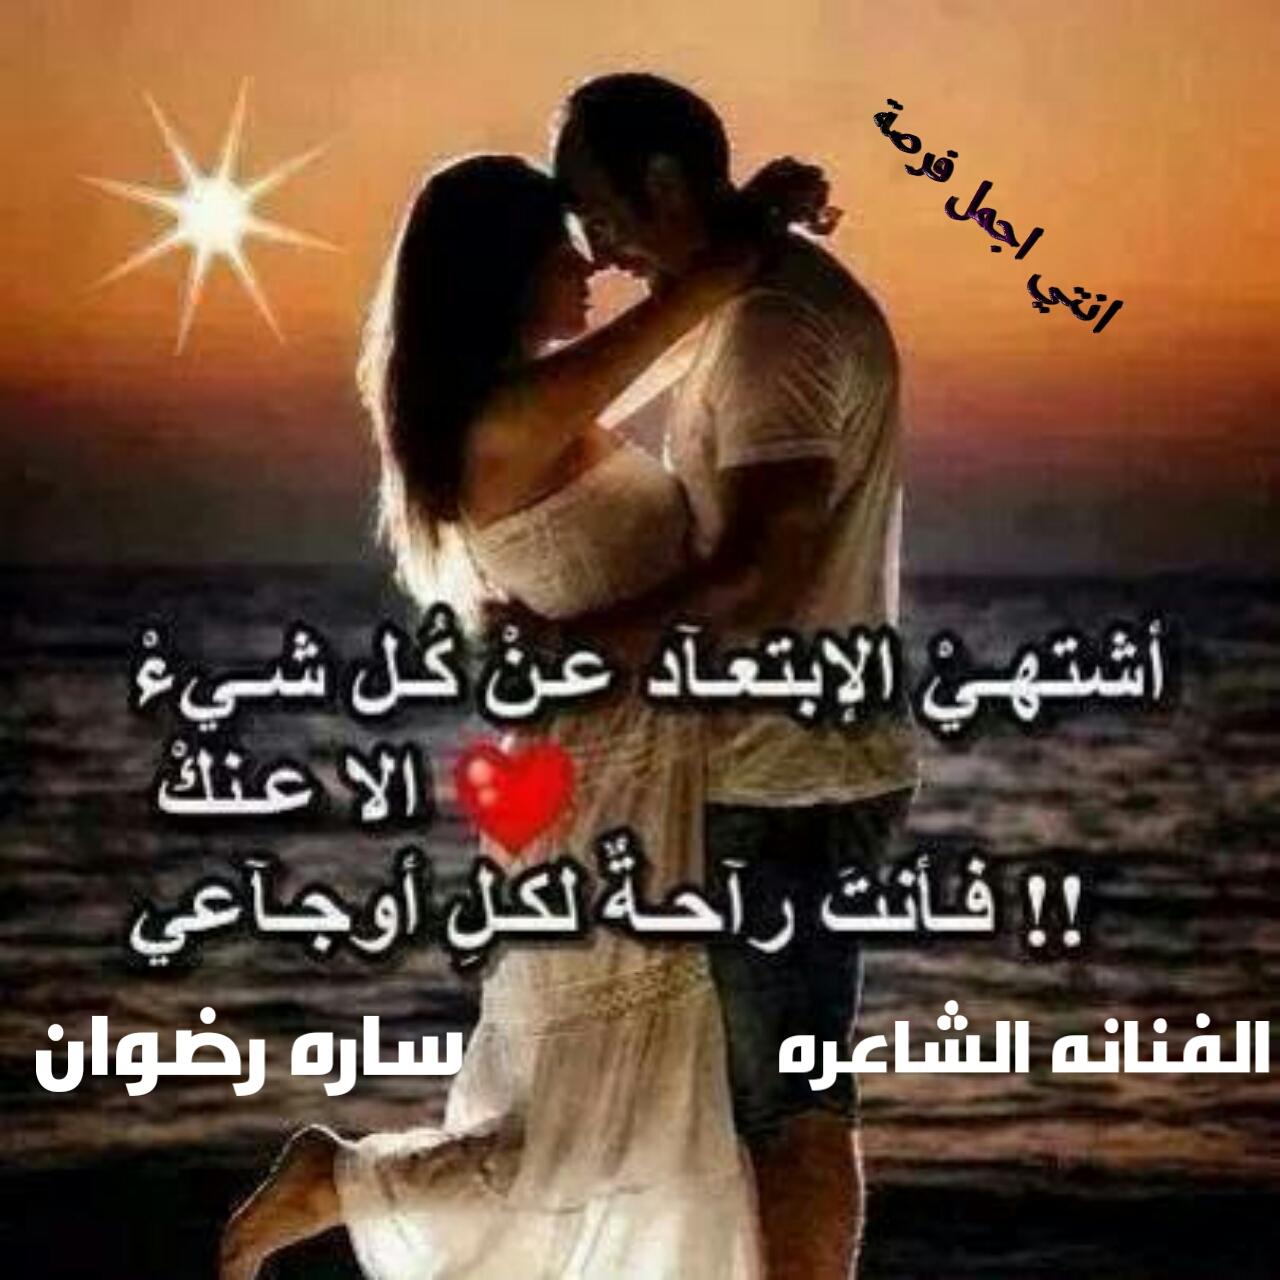 الشاعرة سارة رضوان Sara Radwan انتي اجمل فرصه